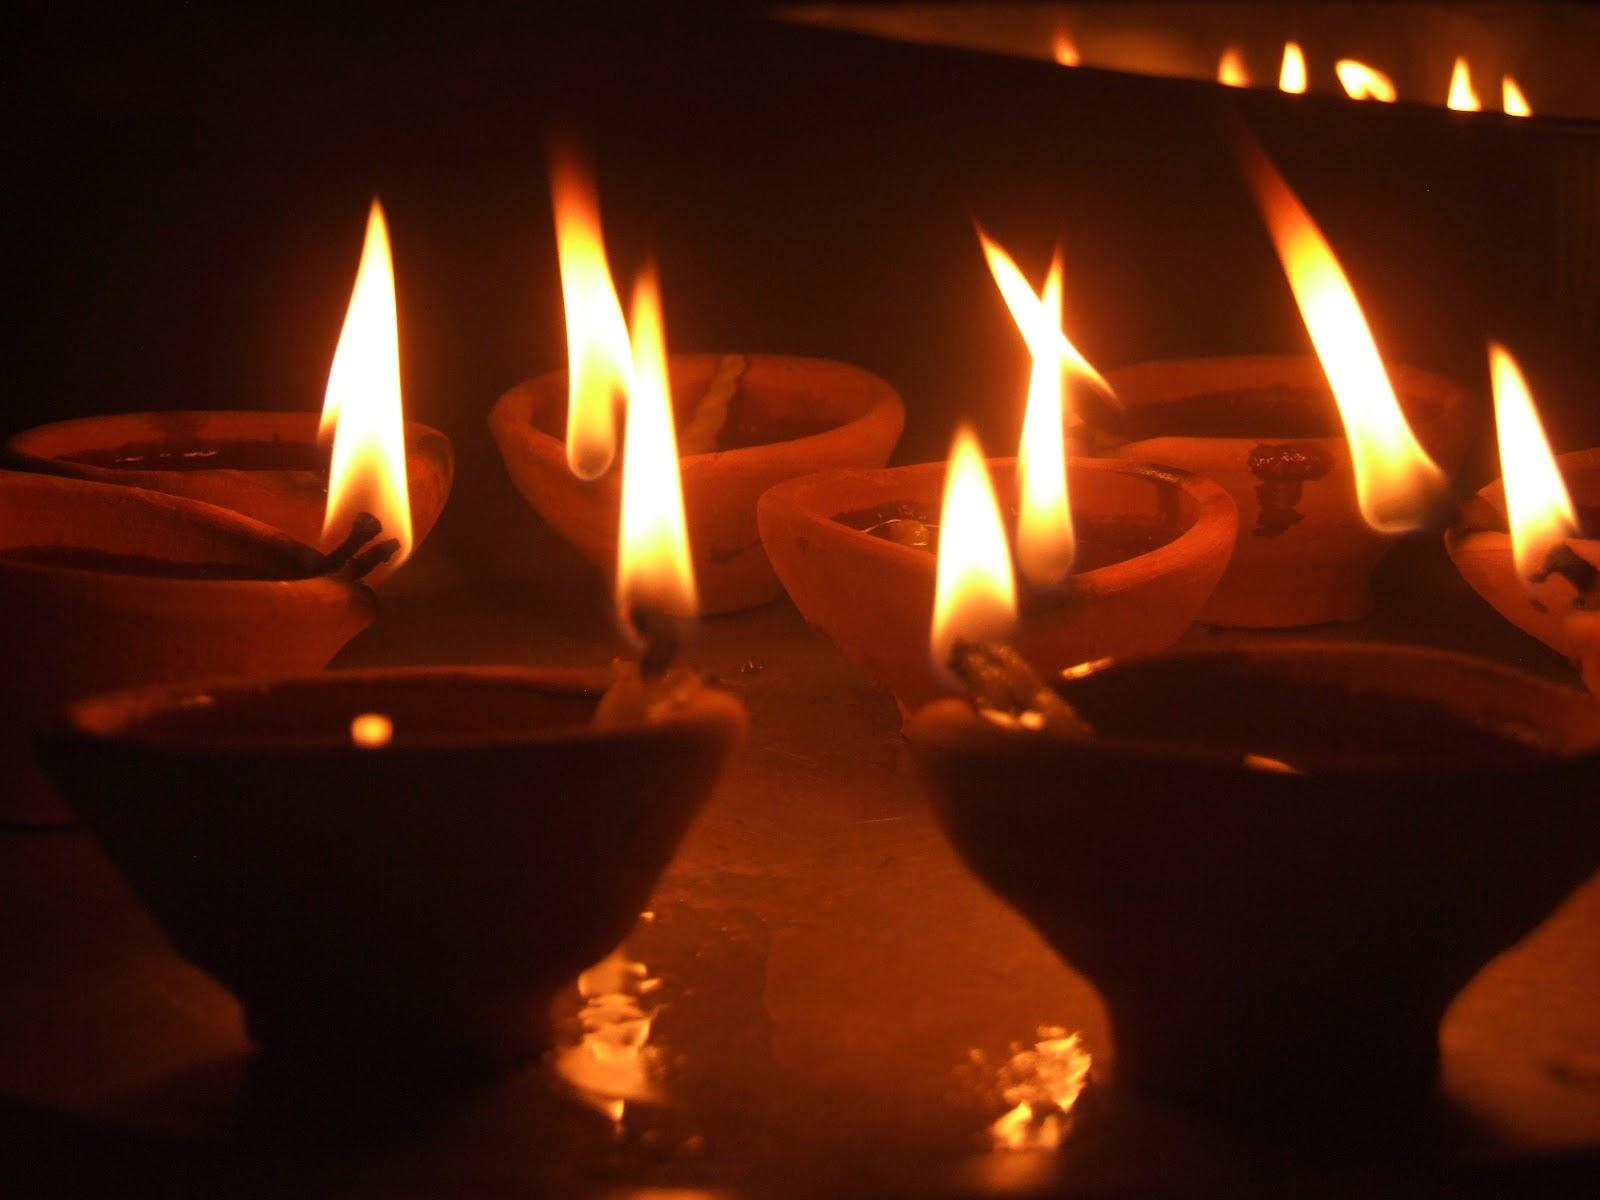 Karthigai Vilakkeedu: Devotional Lighting of Lamps of Purity on ...